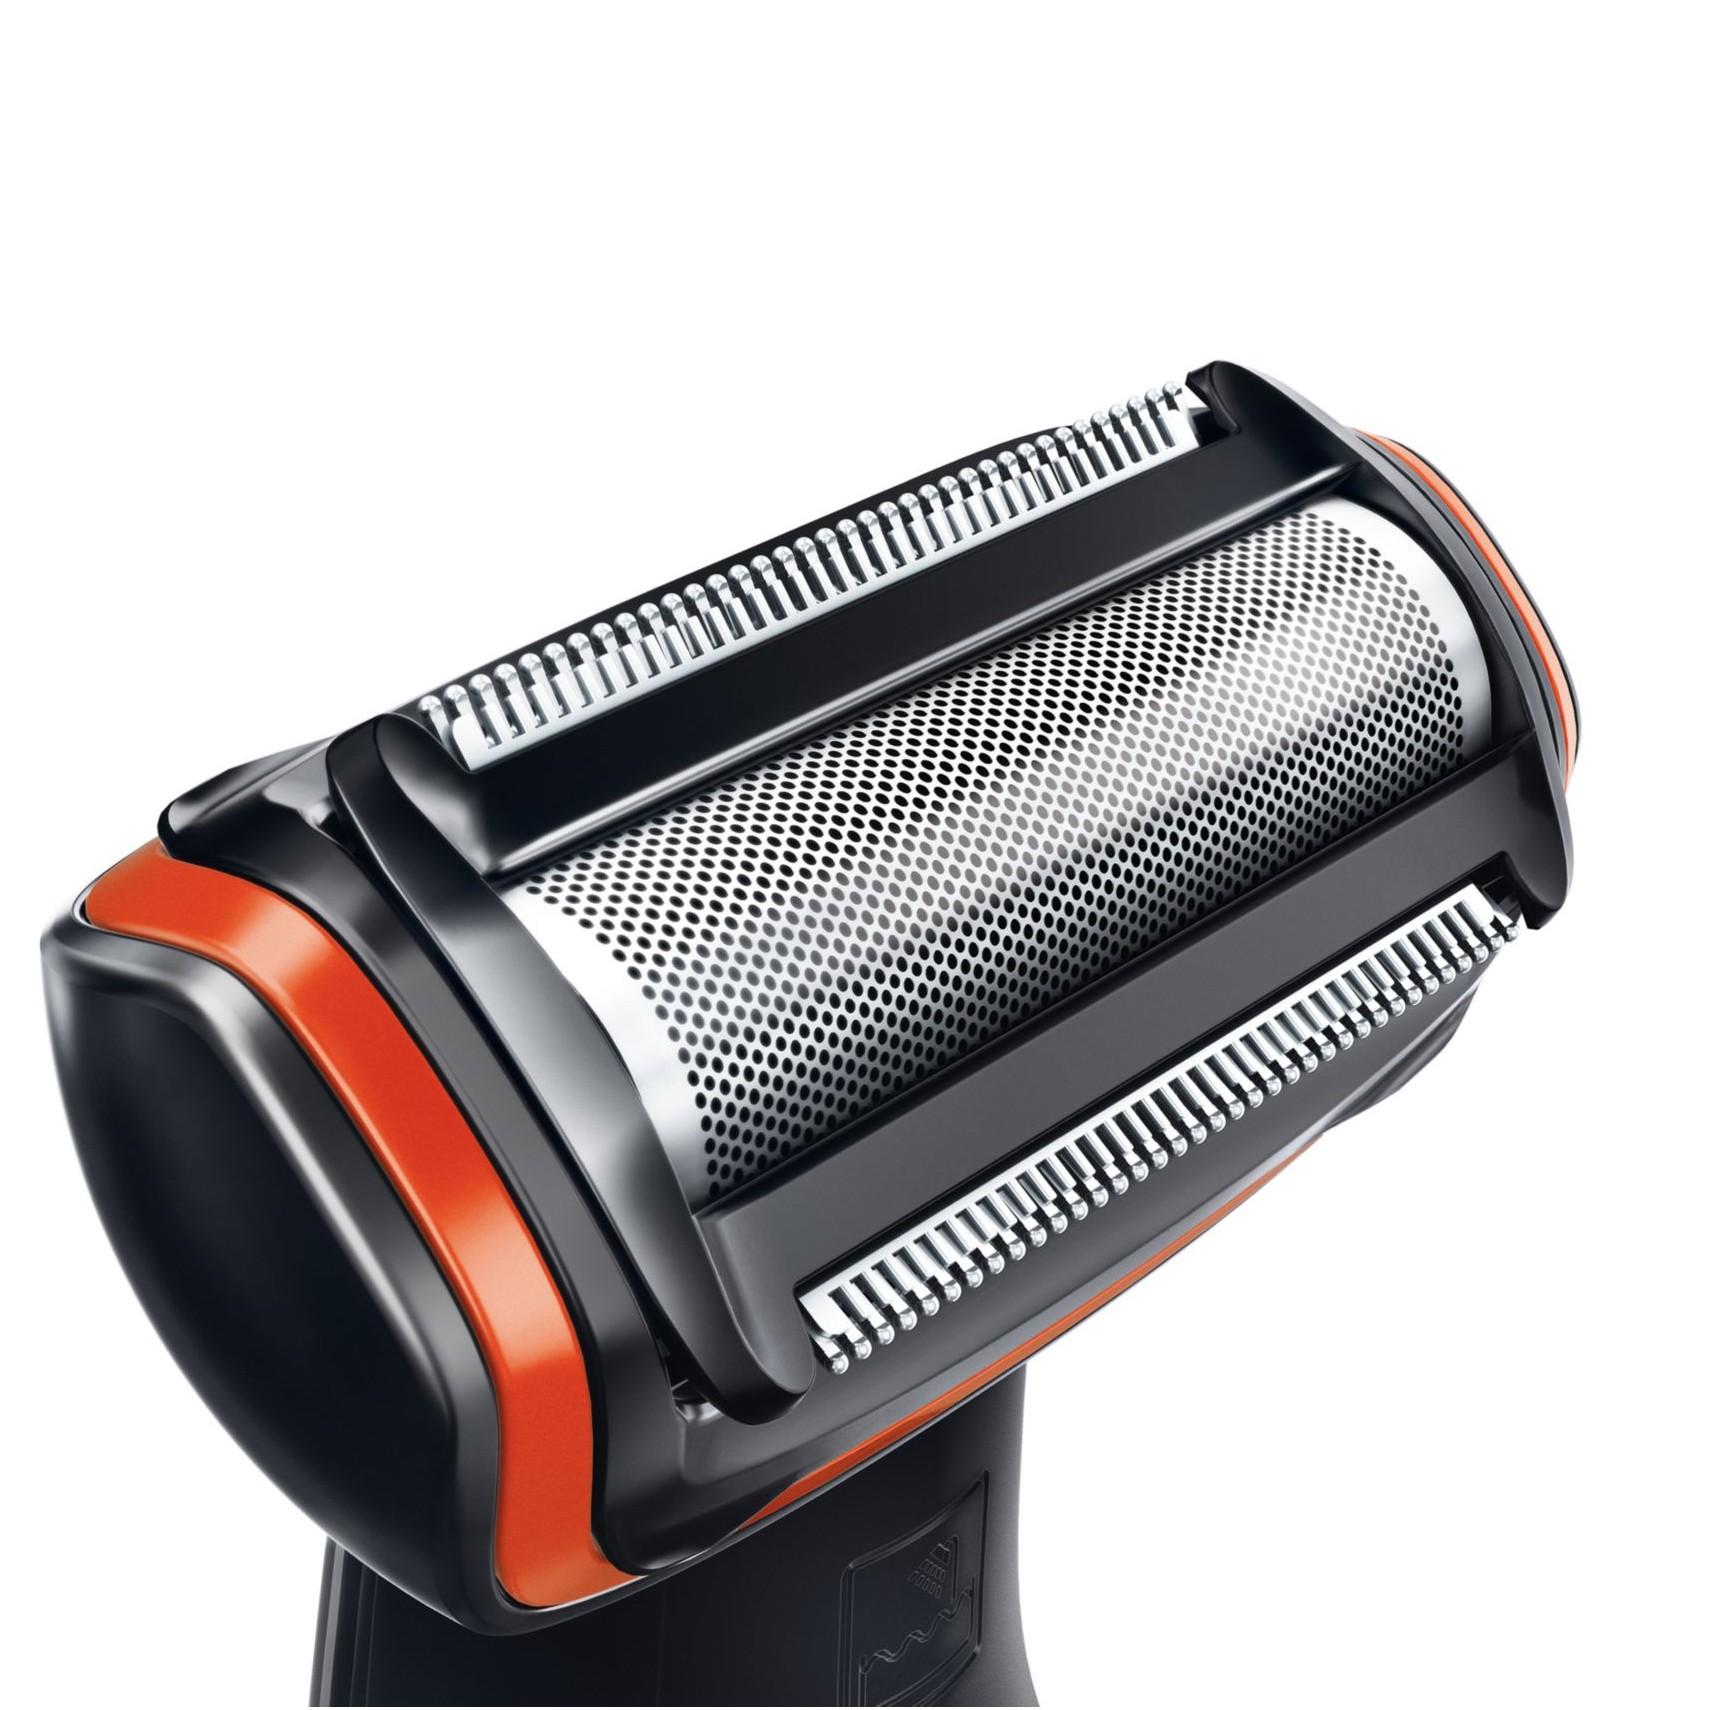 עדכון מעודכן מכונת גילוח לגוף | מכונת גילוח לגוף לגבר פיליפס | Bodygroom RE-33